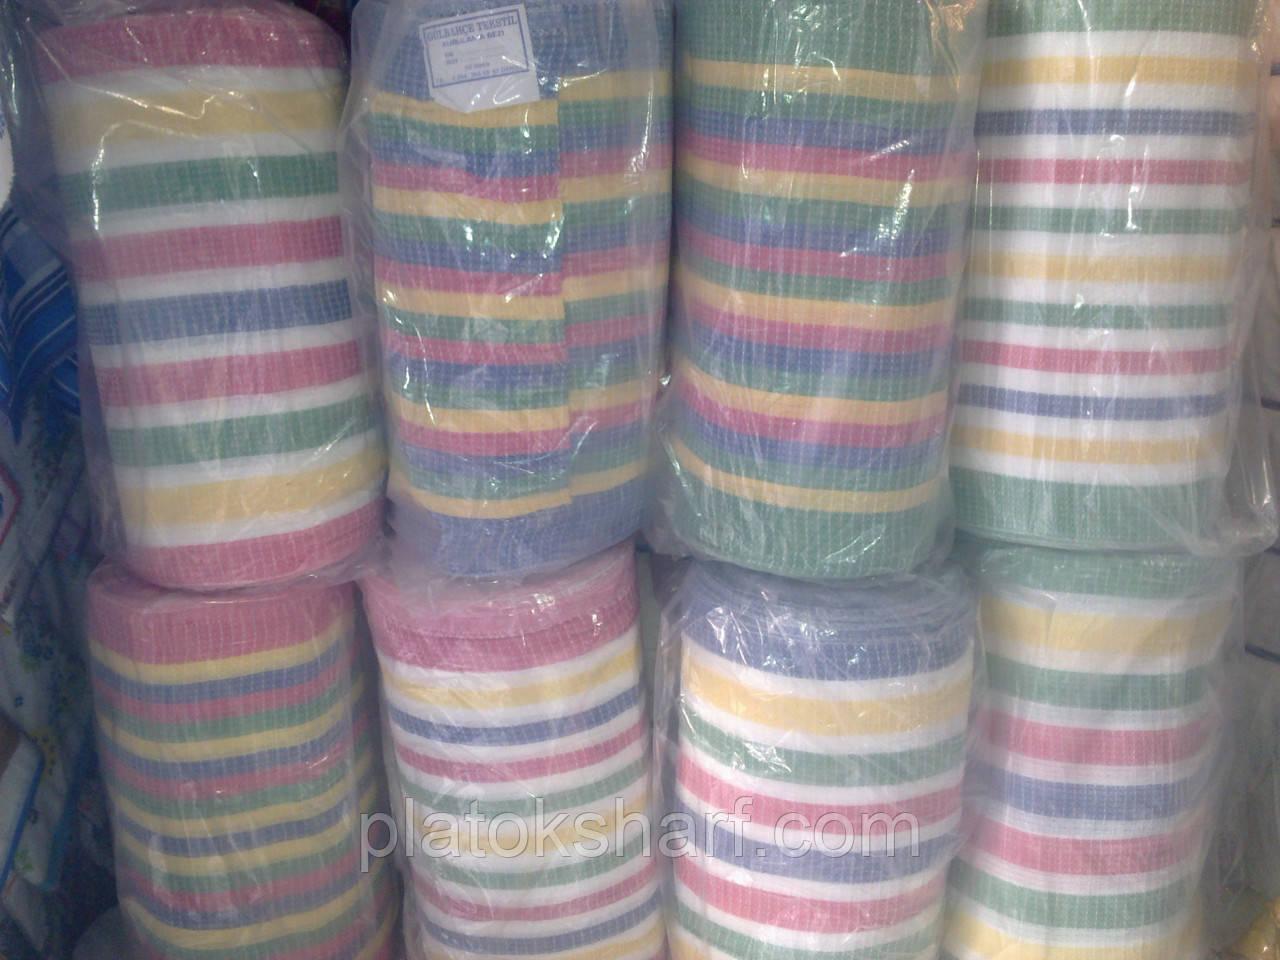 Текстиль ритуальный-метражное (50метров)